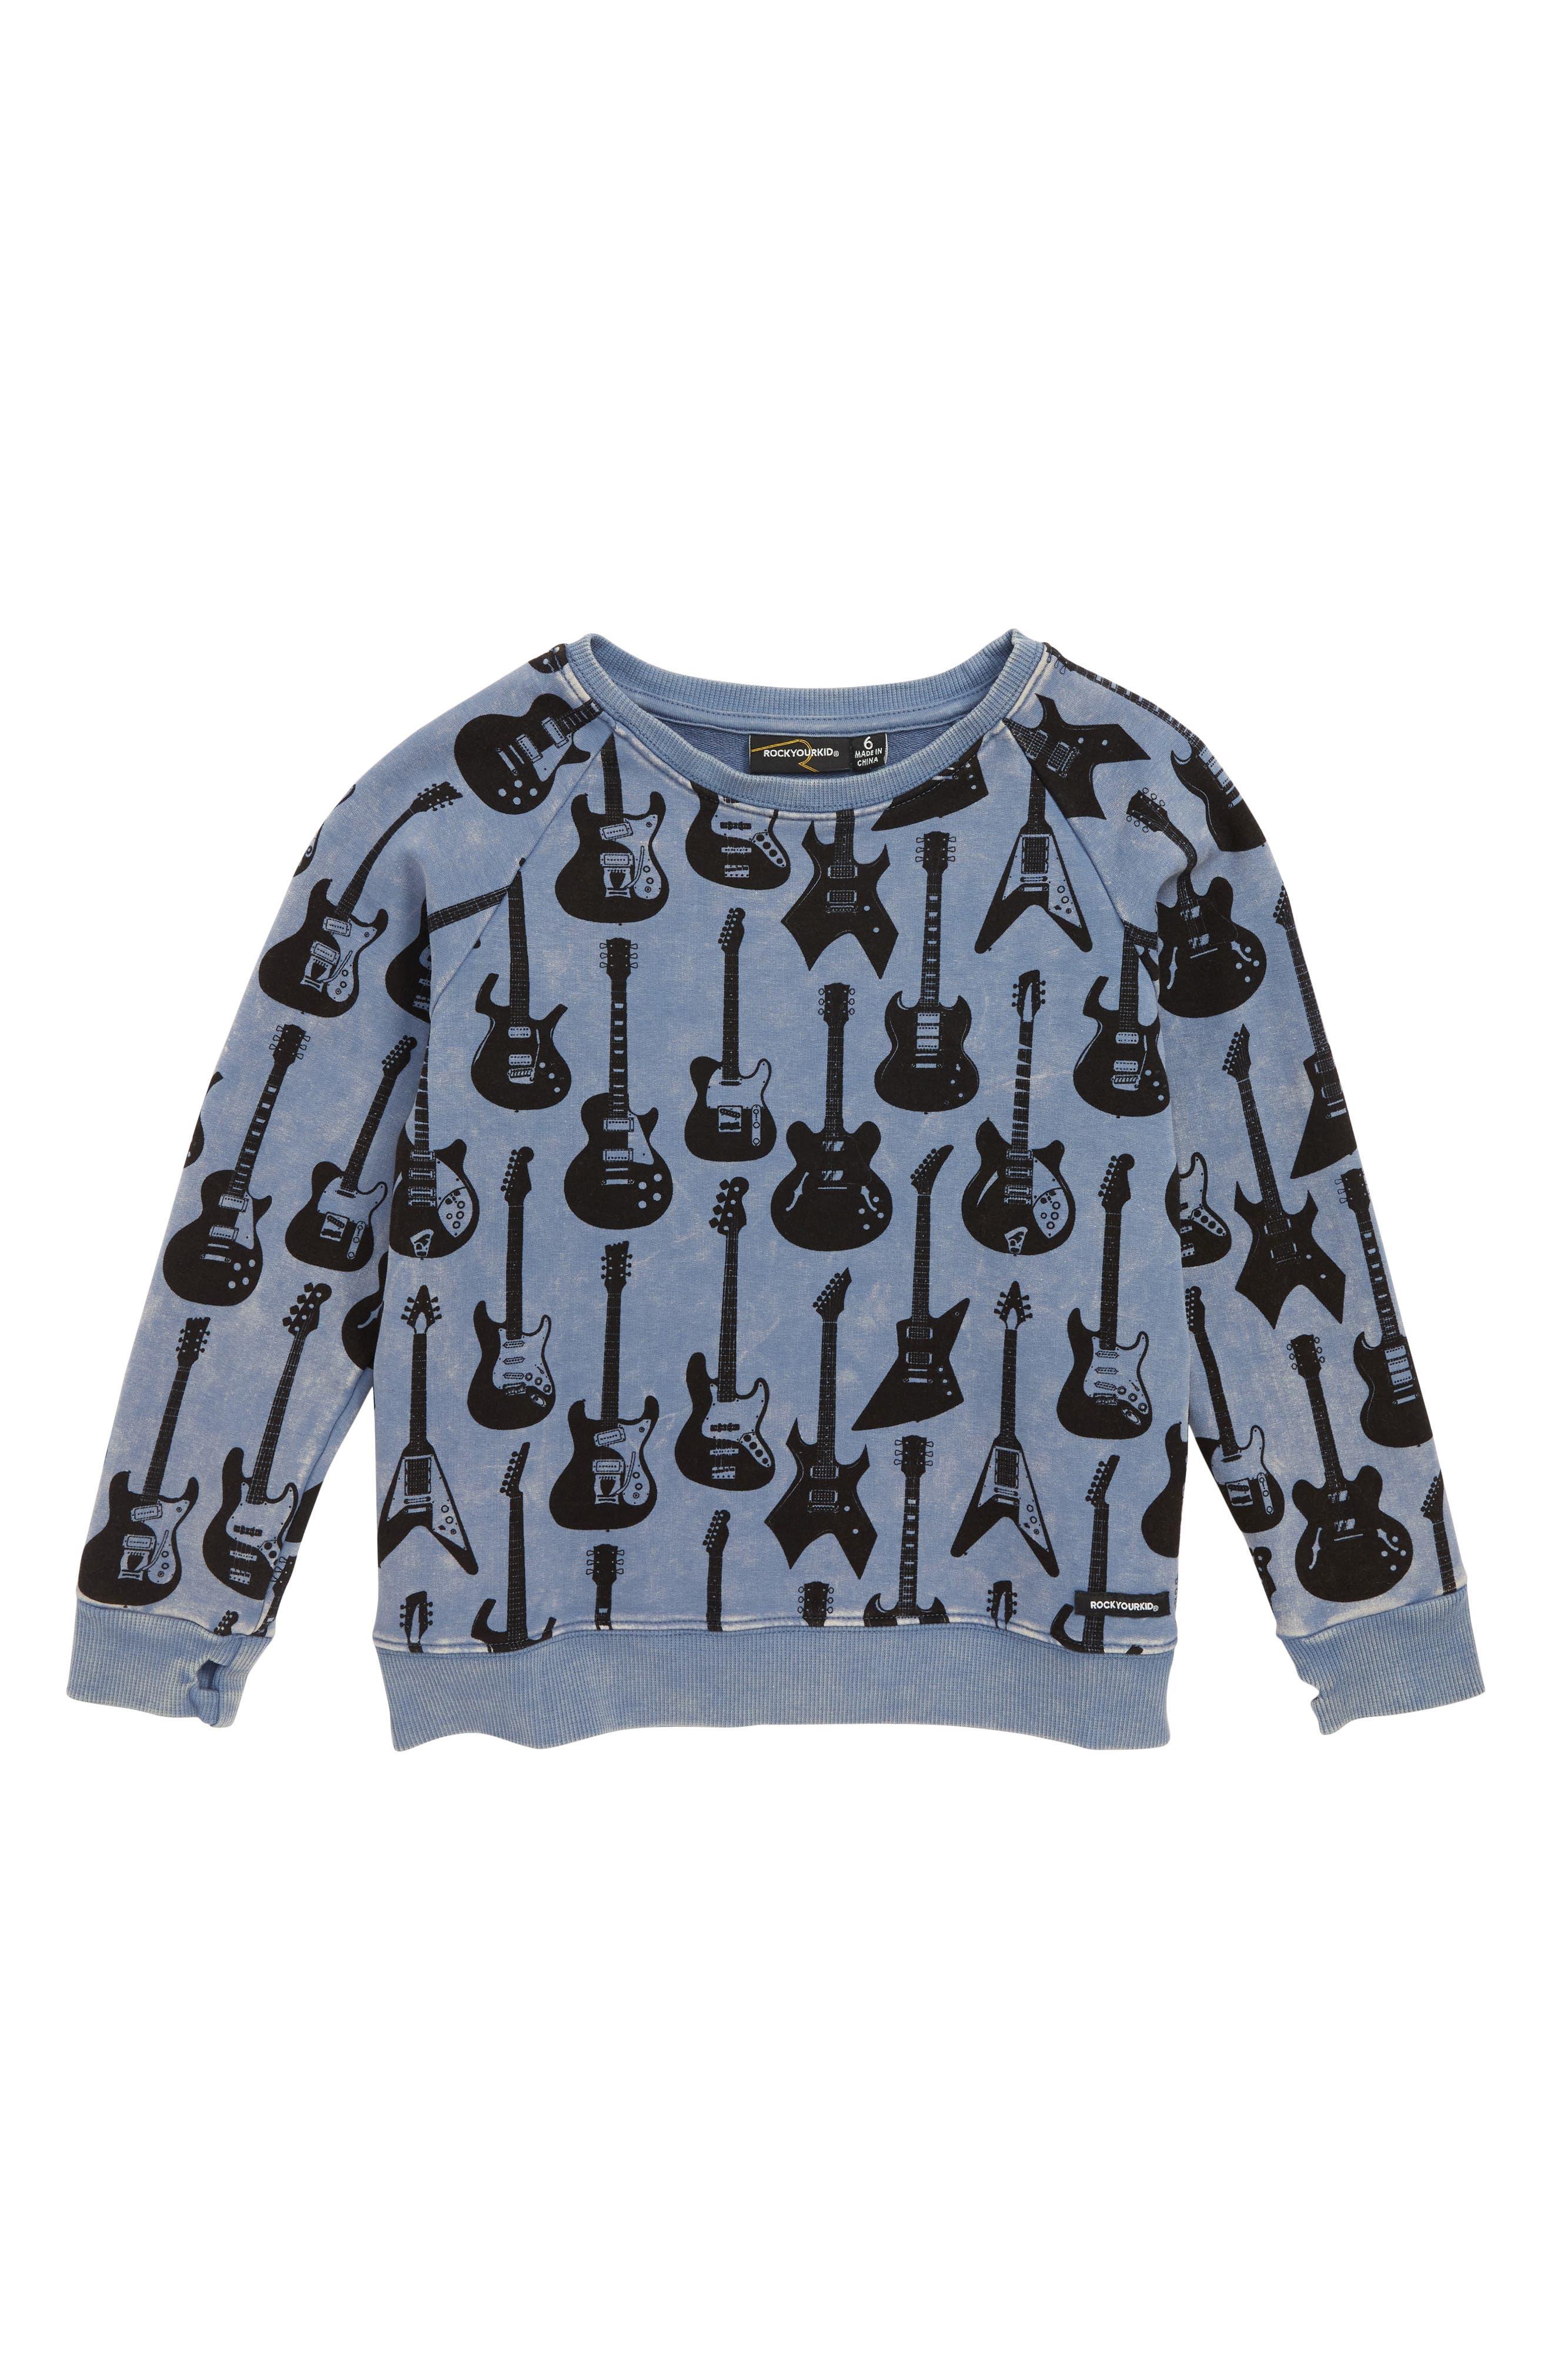 Guitar Hero Sweatshirt,                             Main thumbnail 1, color,                             DARK BLUE